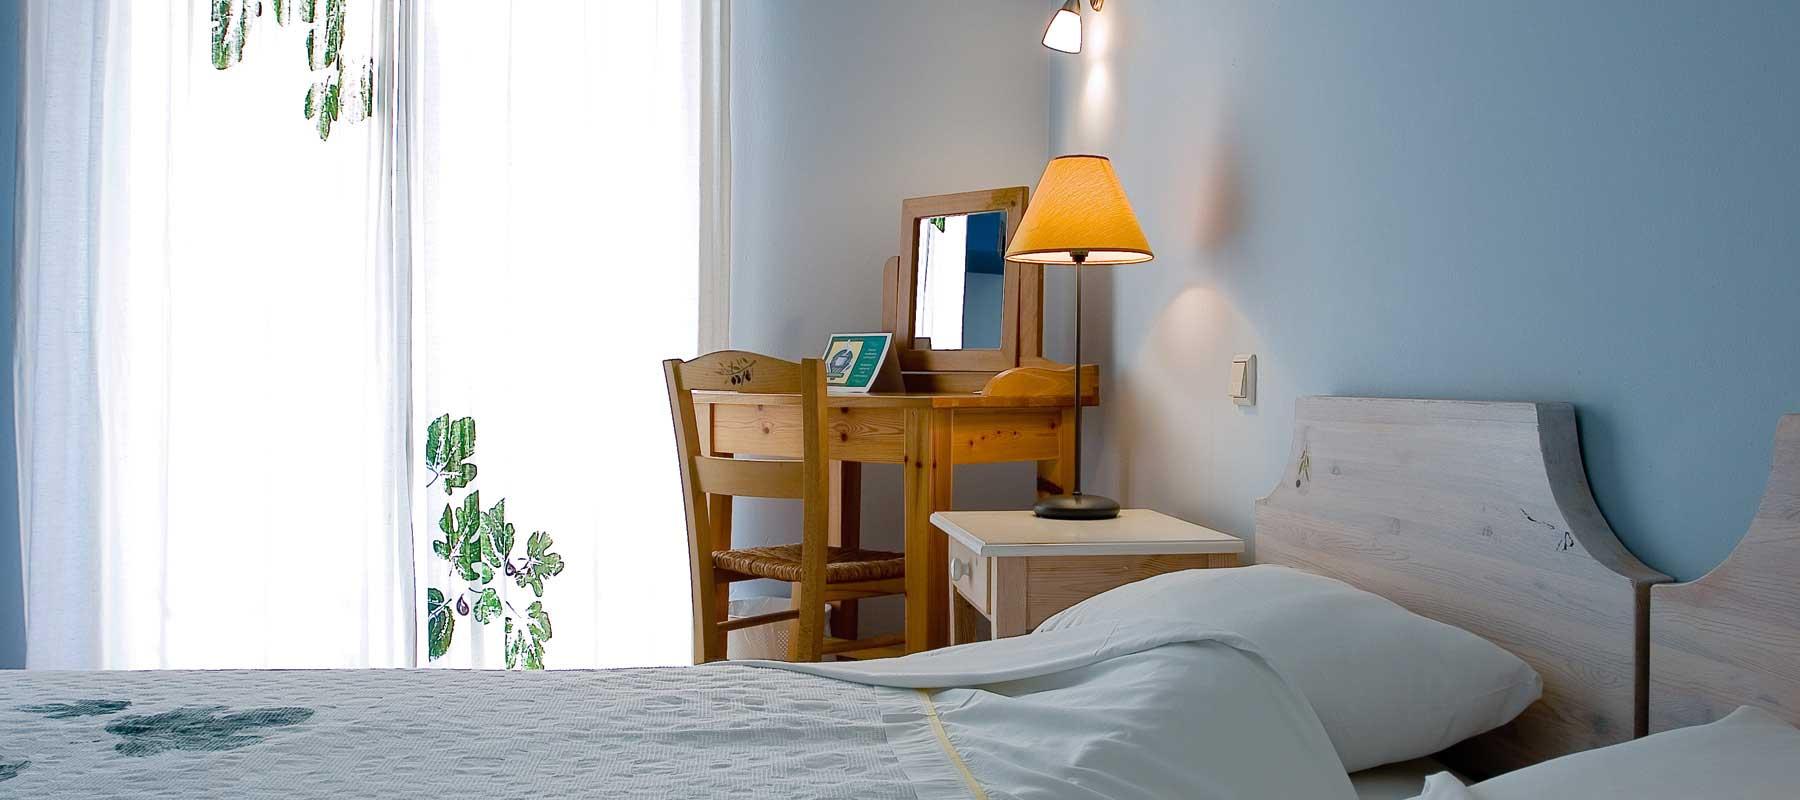 Geräumige Zimmer mit privatem Garten oder Veranda, ideal um den Sonnenuntergang zu geniessen…